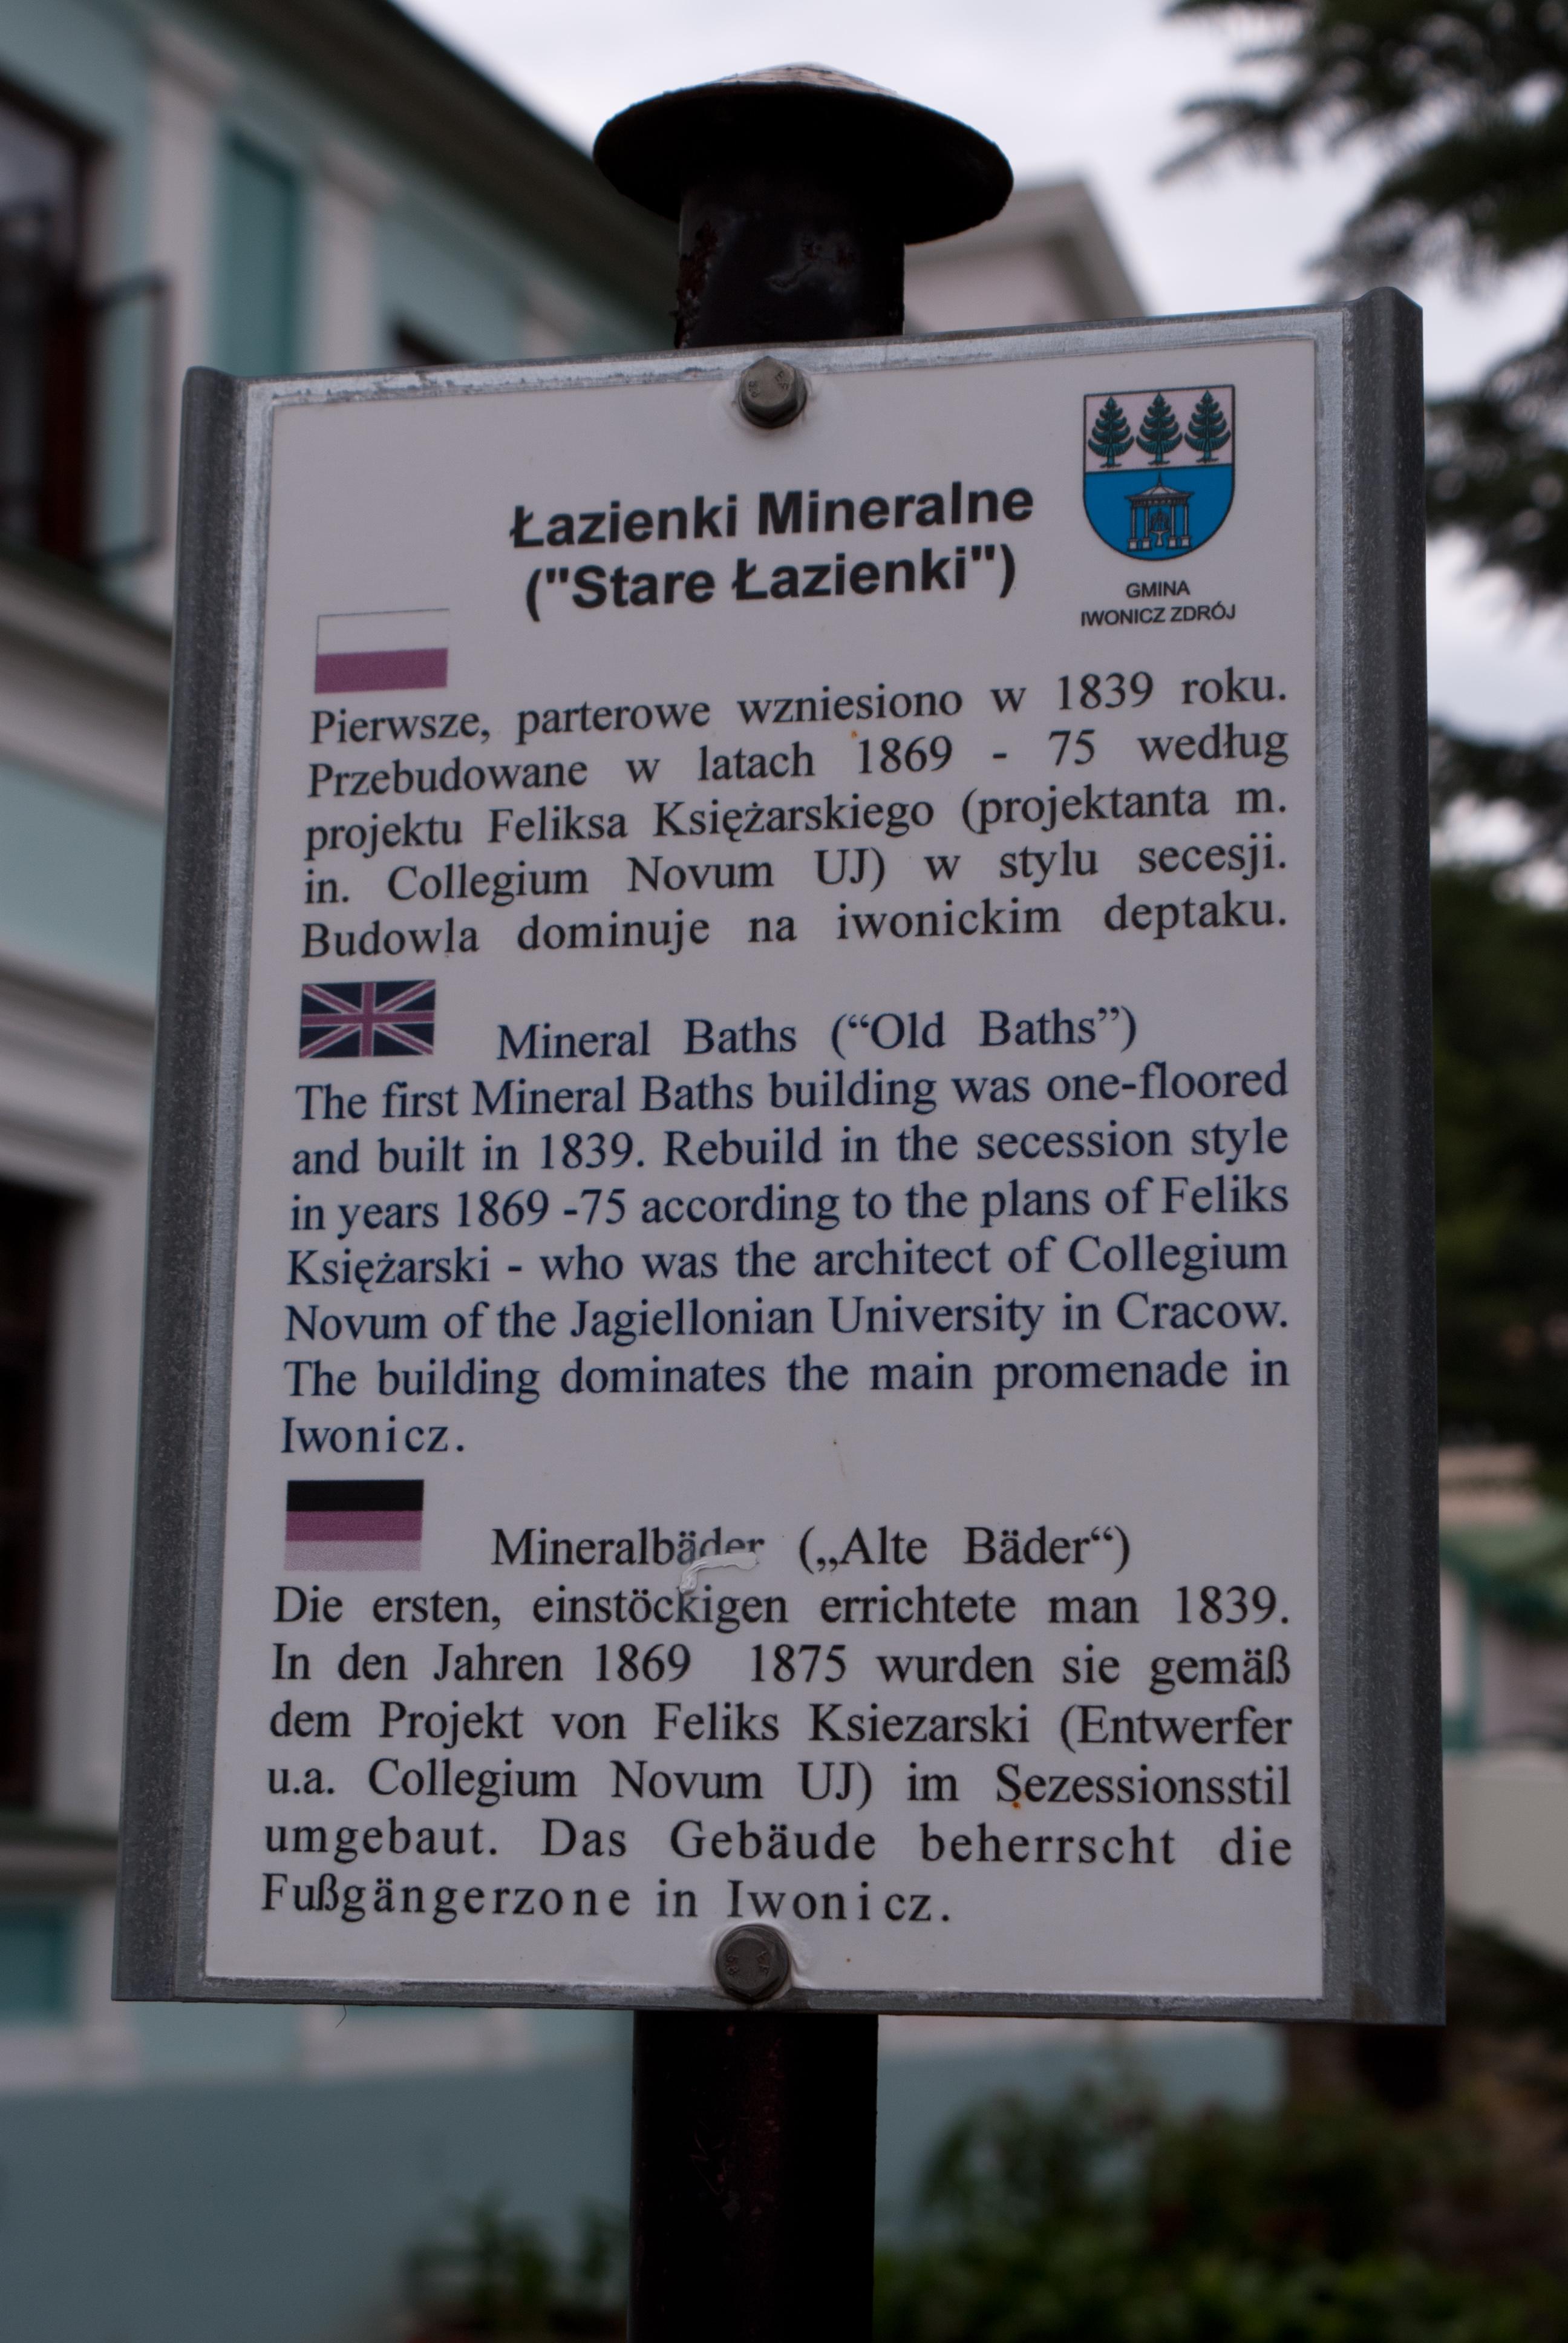 Fileiwonicz Zdrój Stare łazienki Tablicajpg Wikimedia